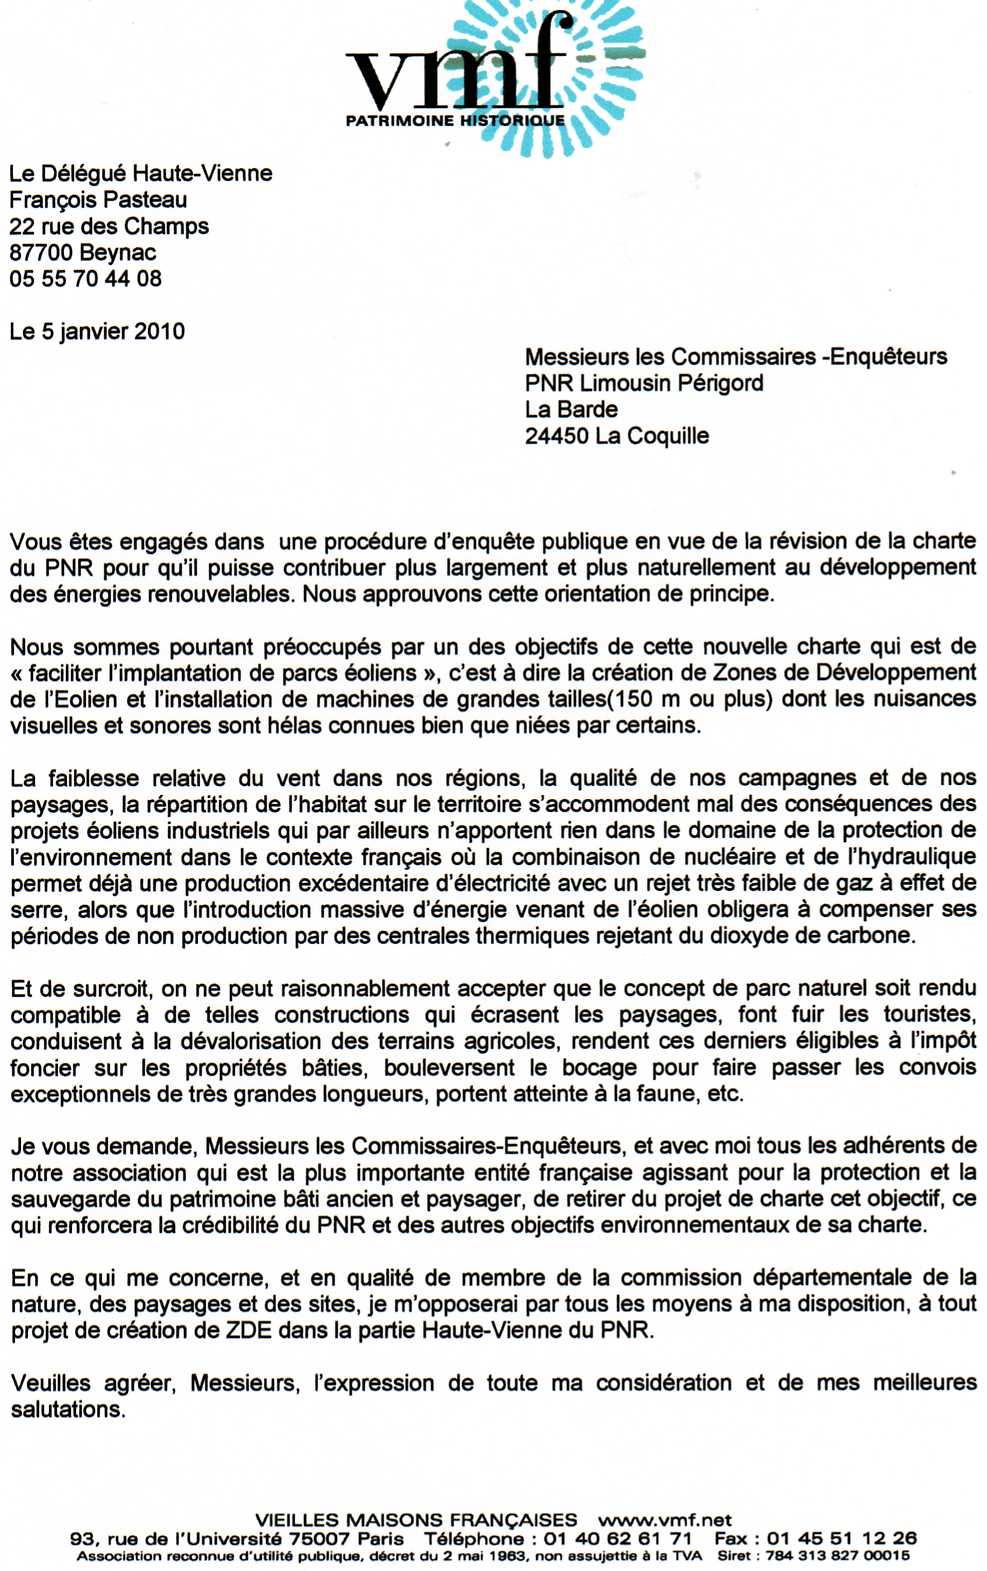 lettremrpasteauauxcommissaireenquteur014.jpg